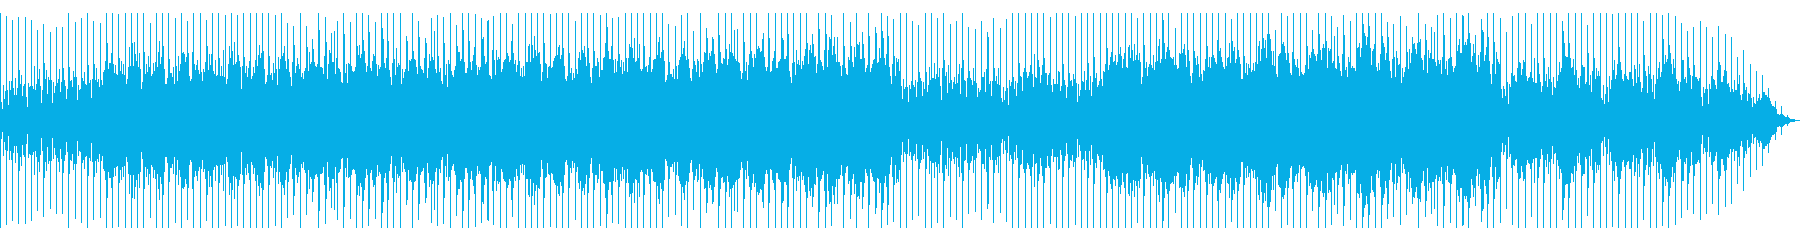 宇宙の広がり コミカルなスペースオペラの再生済みの波形